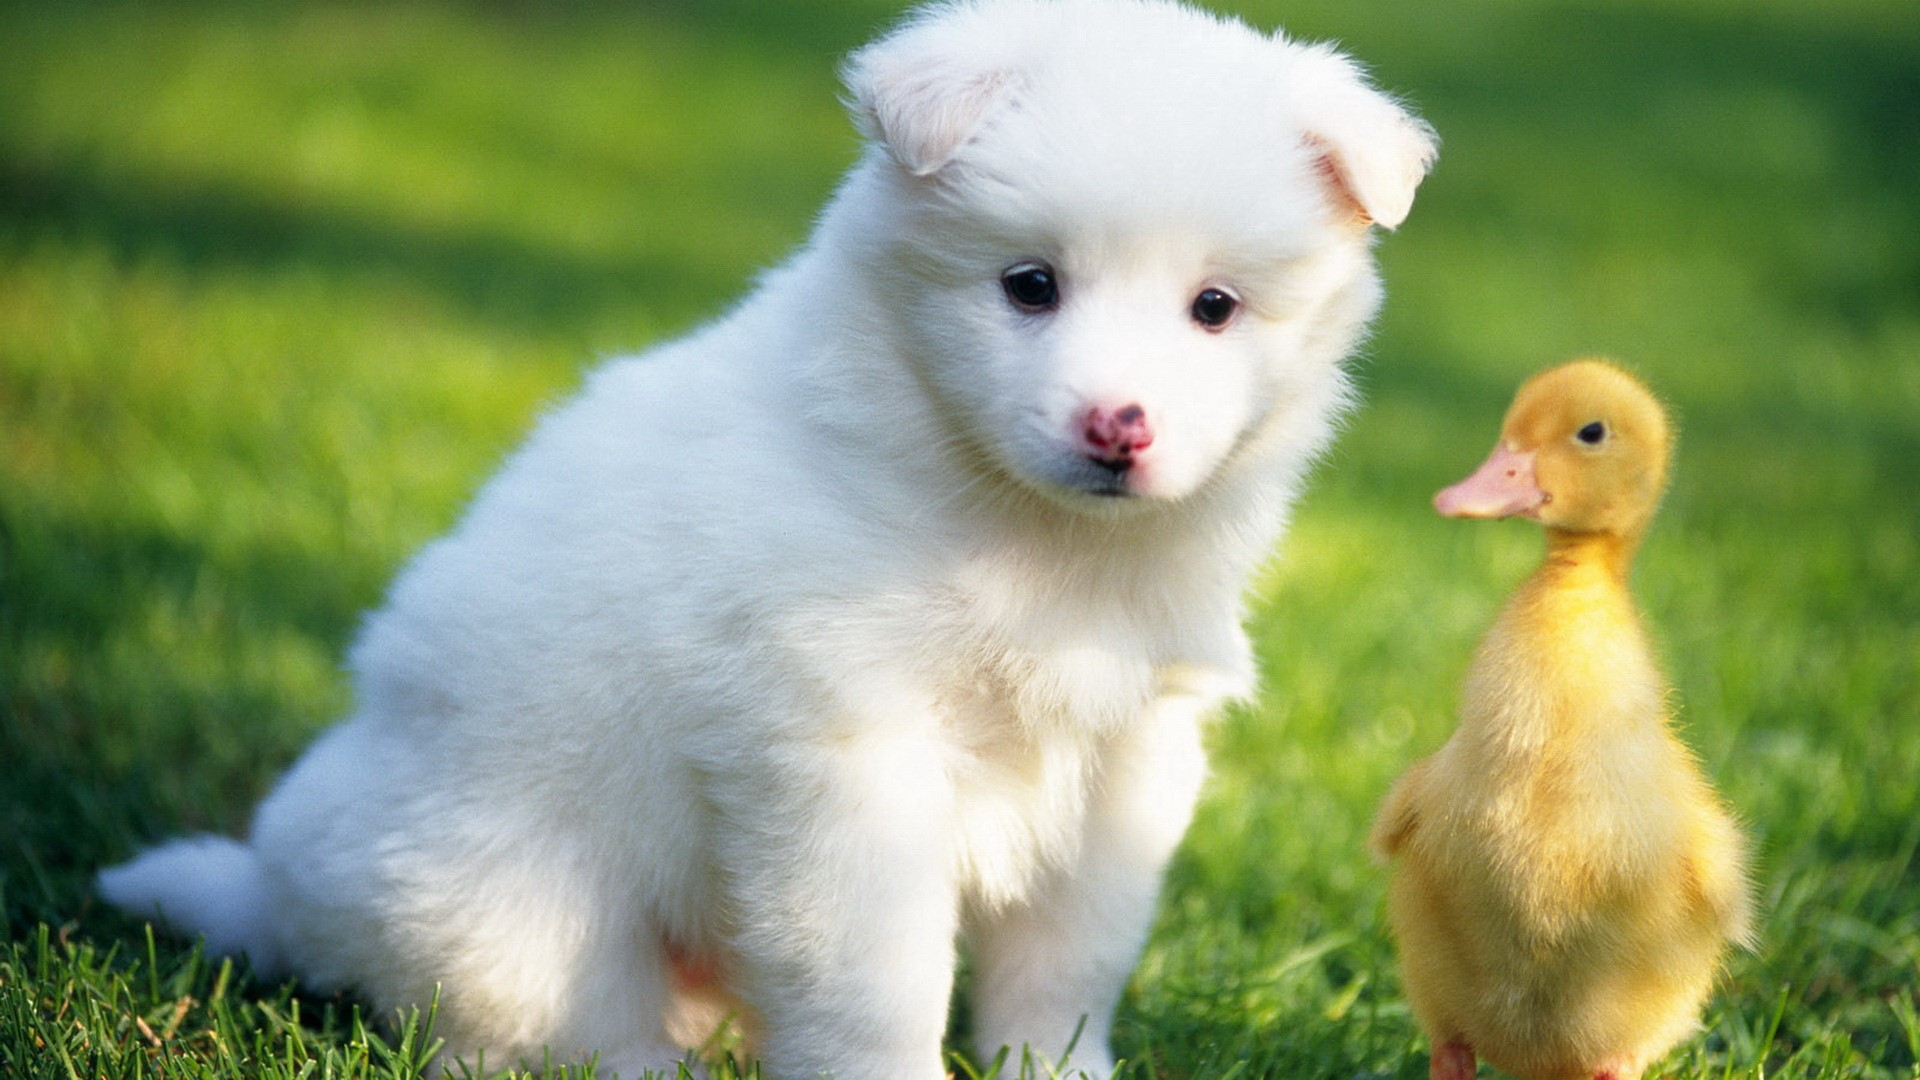 Animales: Fondos De Pantalla De Animales